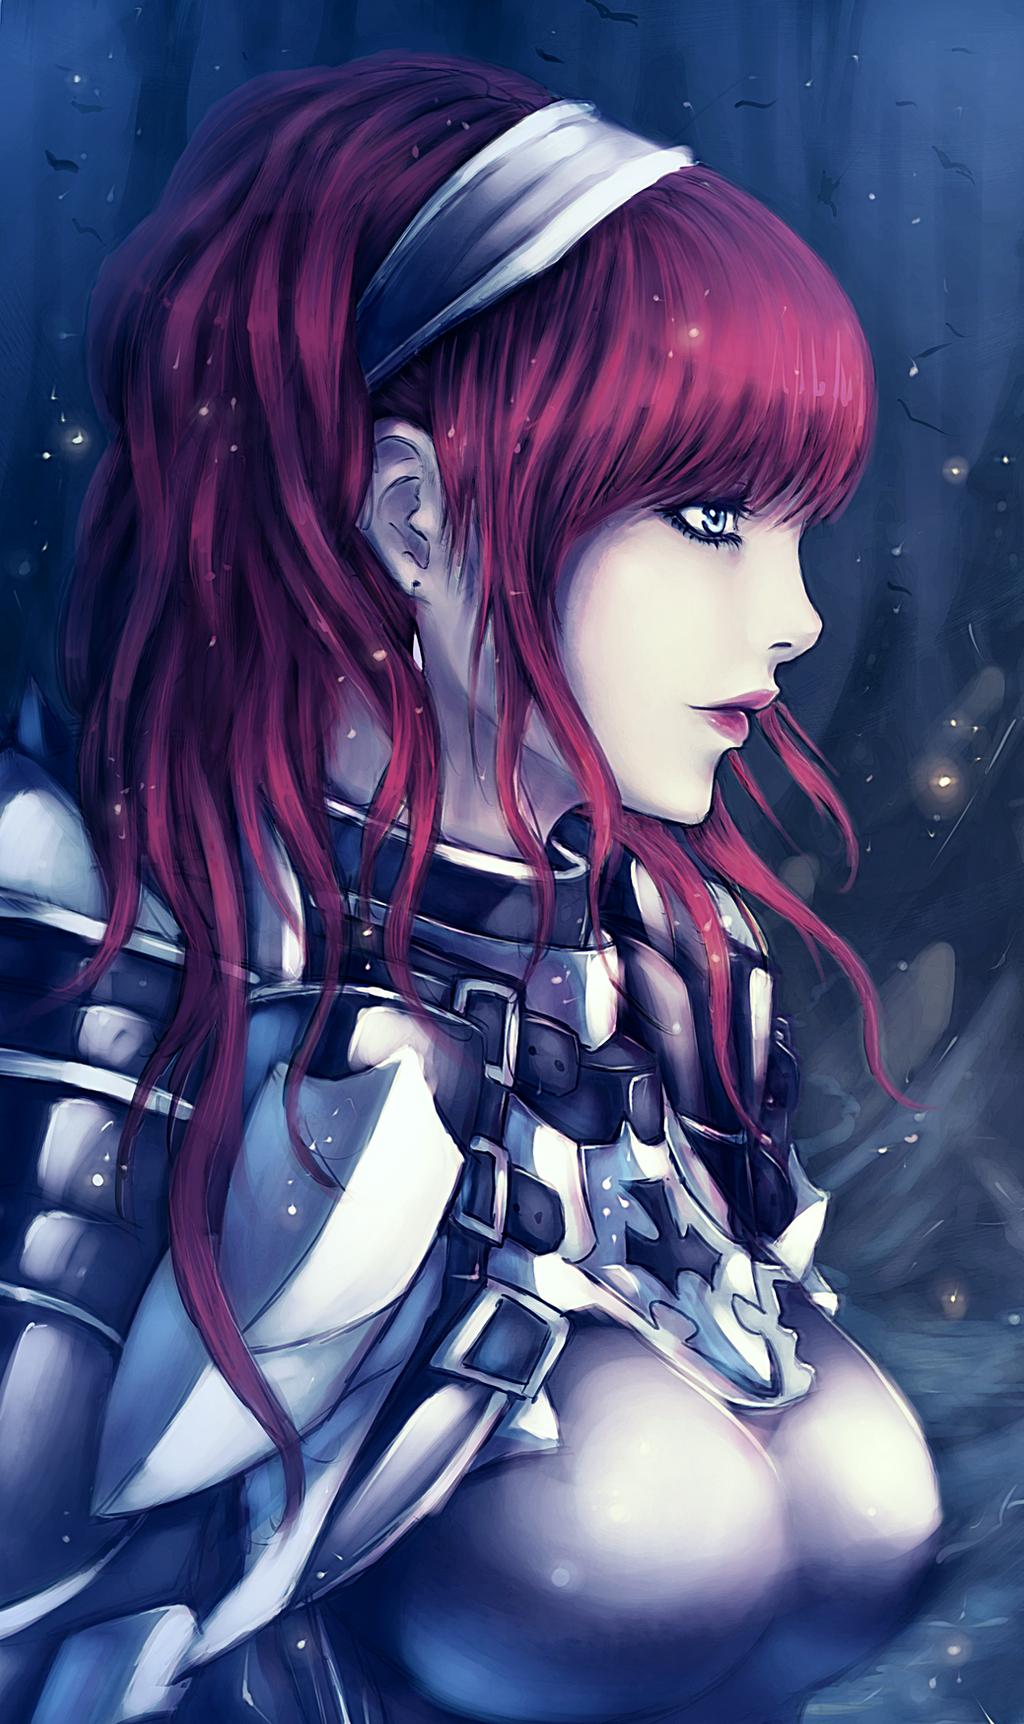 Wintersun by SoraNamae